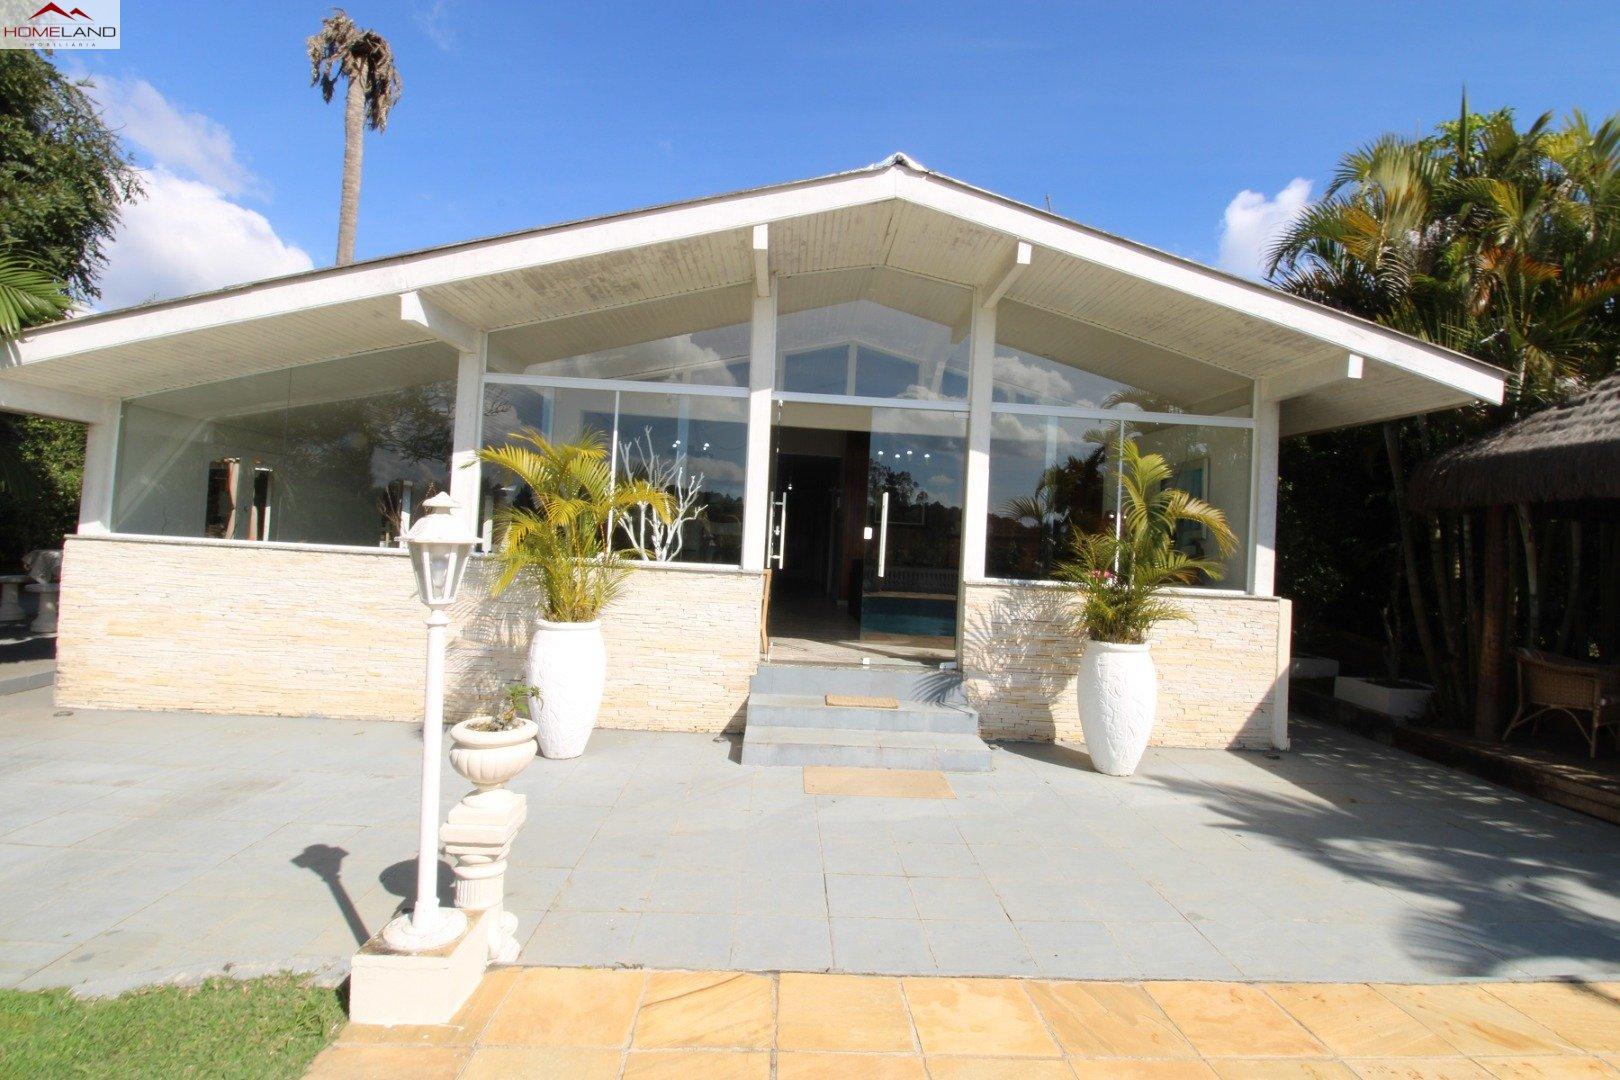 HL-218 Casa a venda com 6 dormitórios. R$ 1.280.000